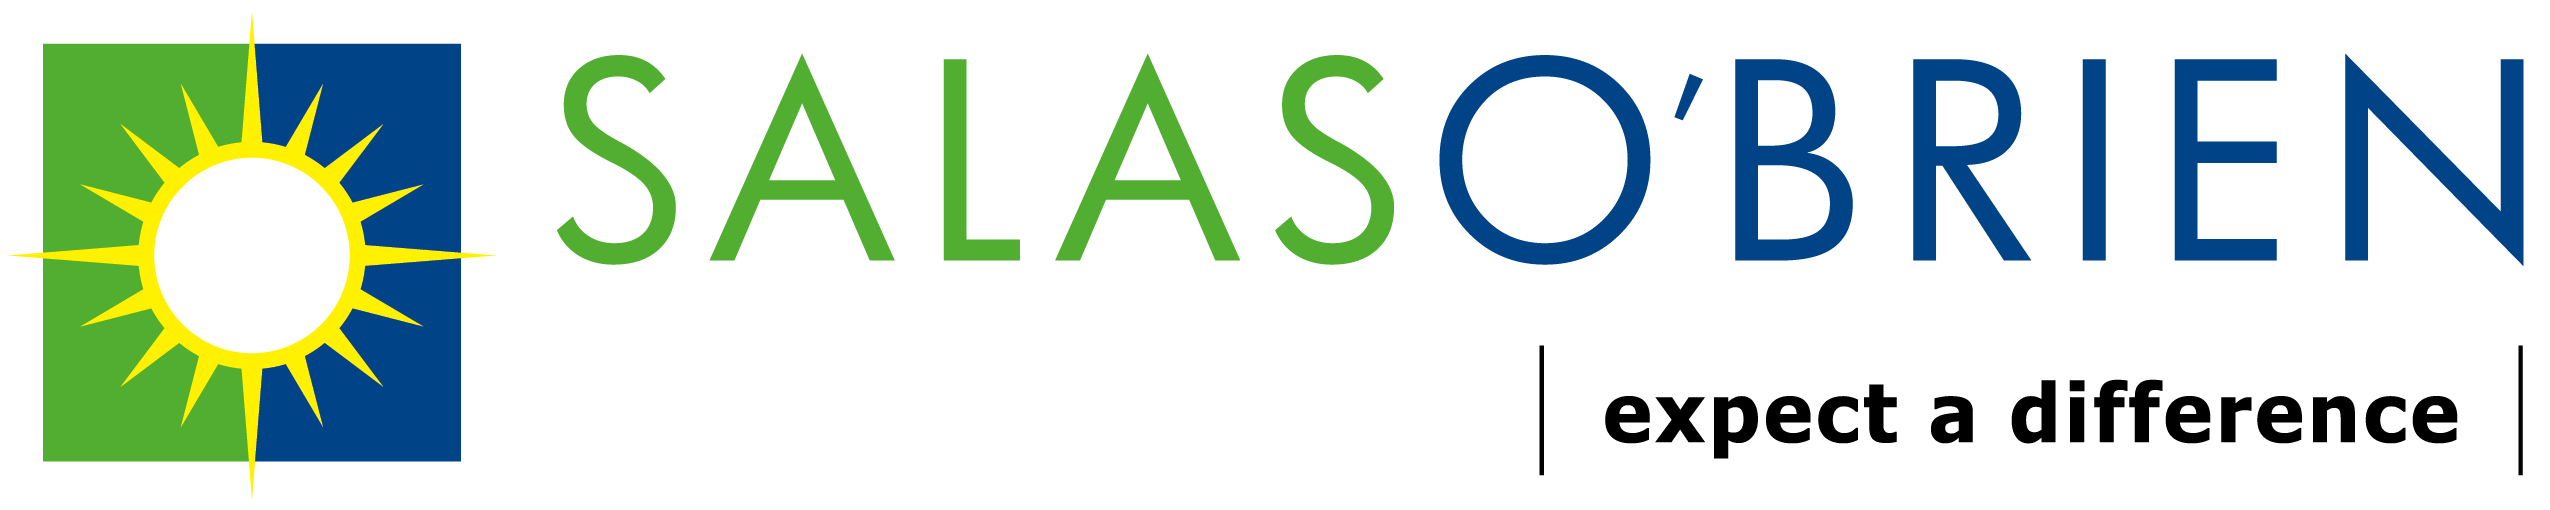 Salas O'Brien logo